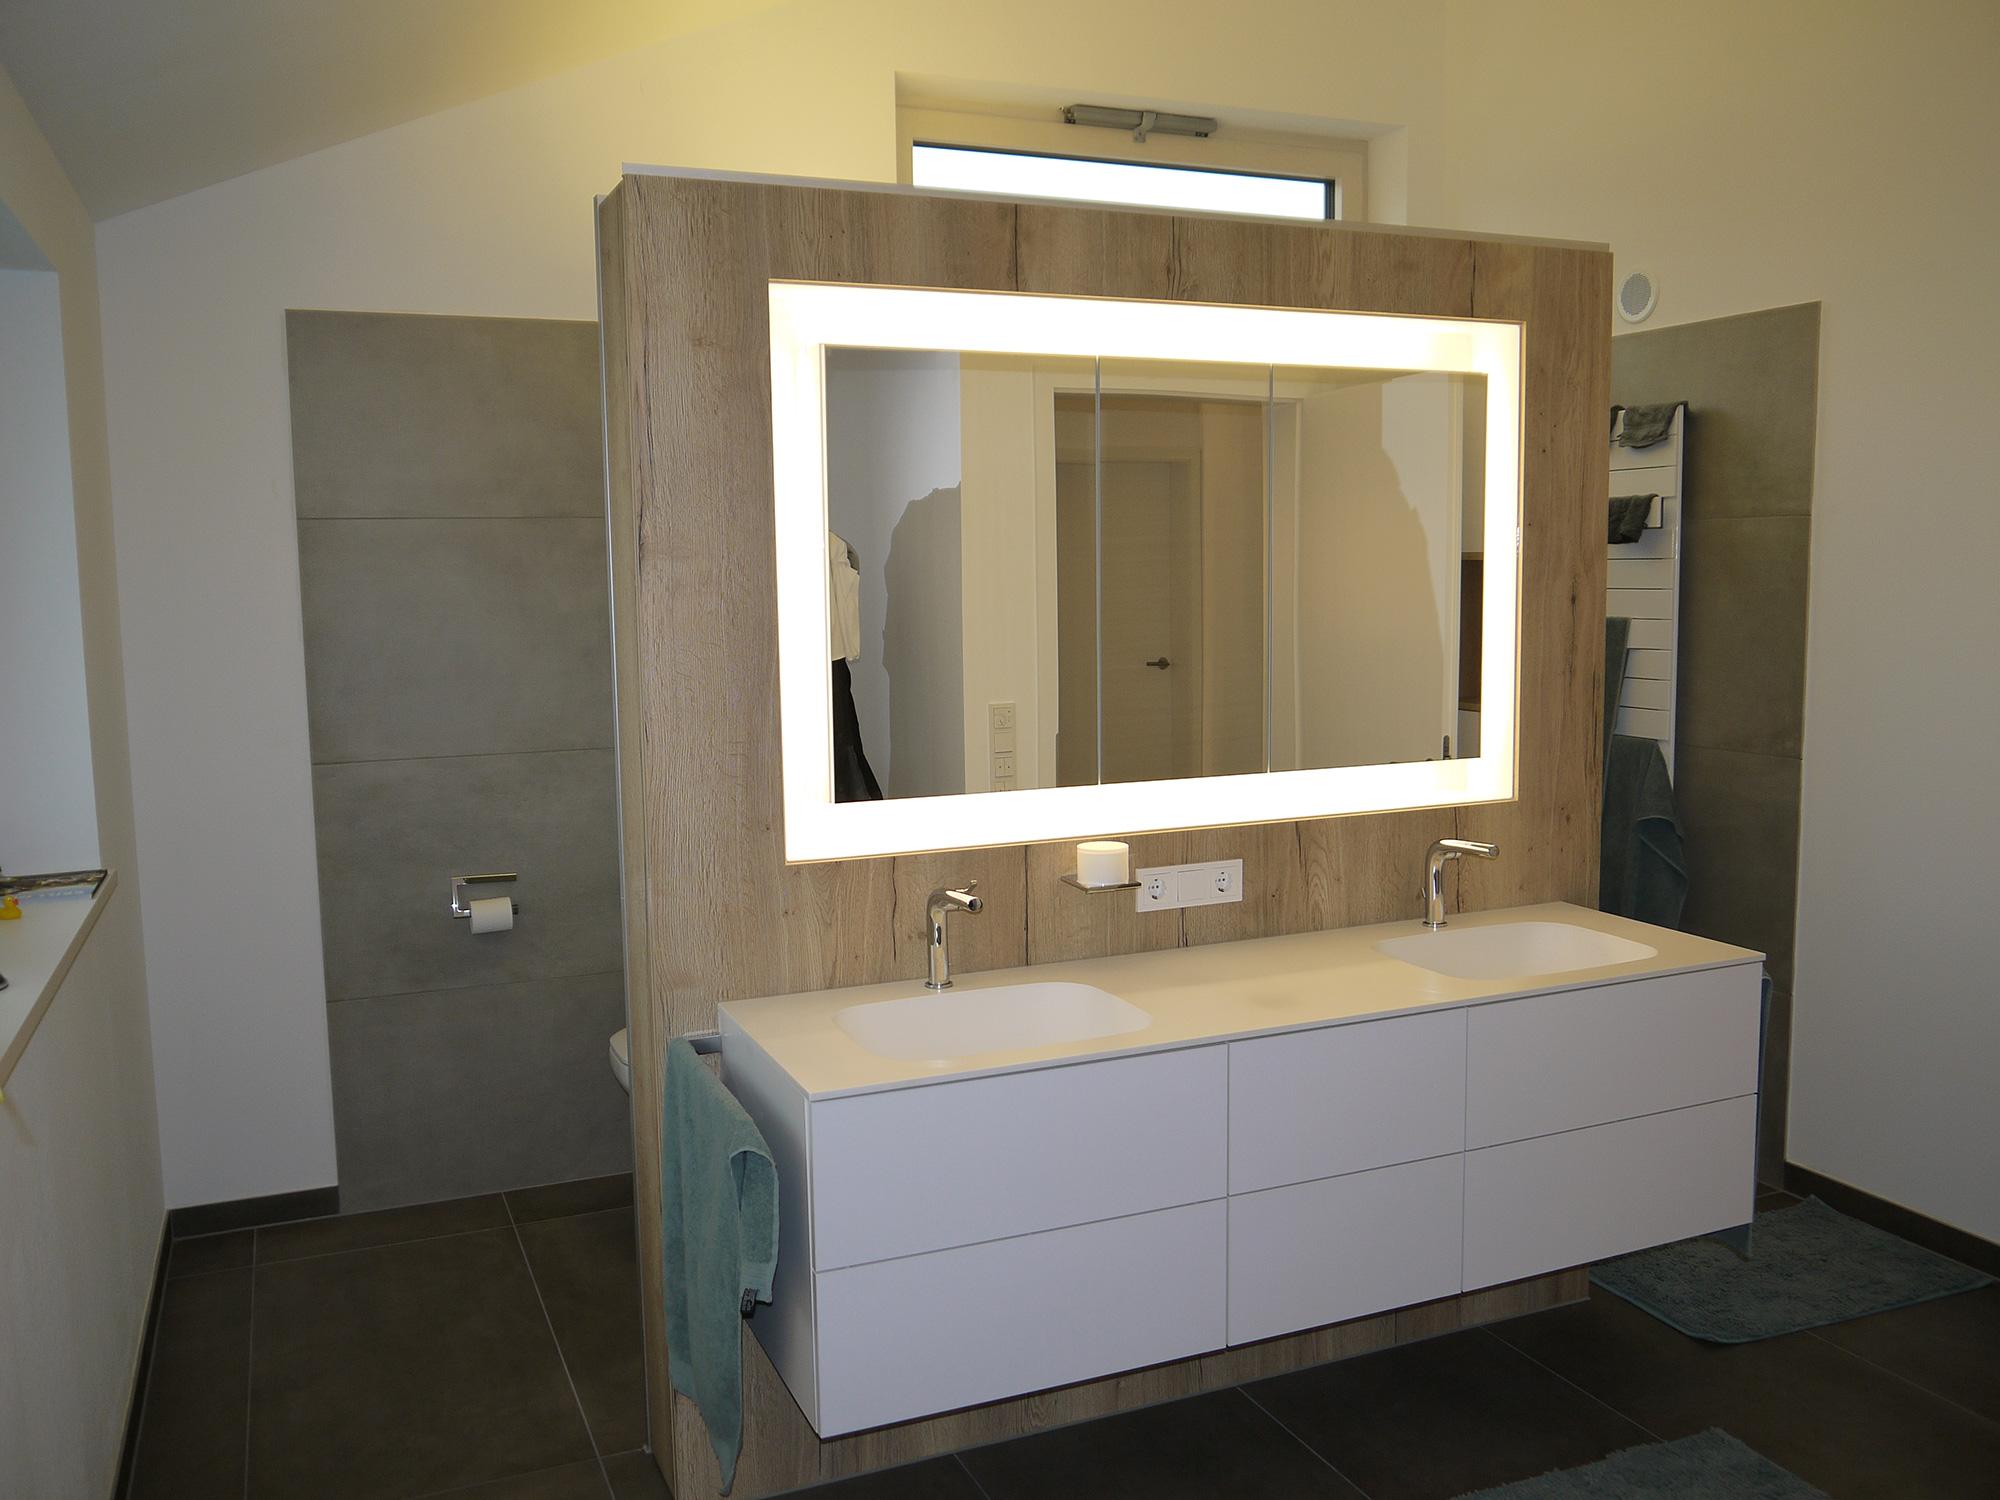 Bad schreinerei eisenschmid for Bad waschtisch mit spiegelschrank